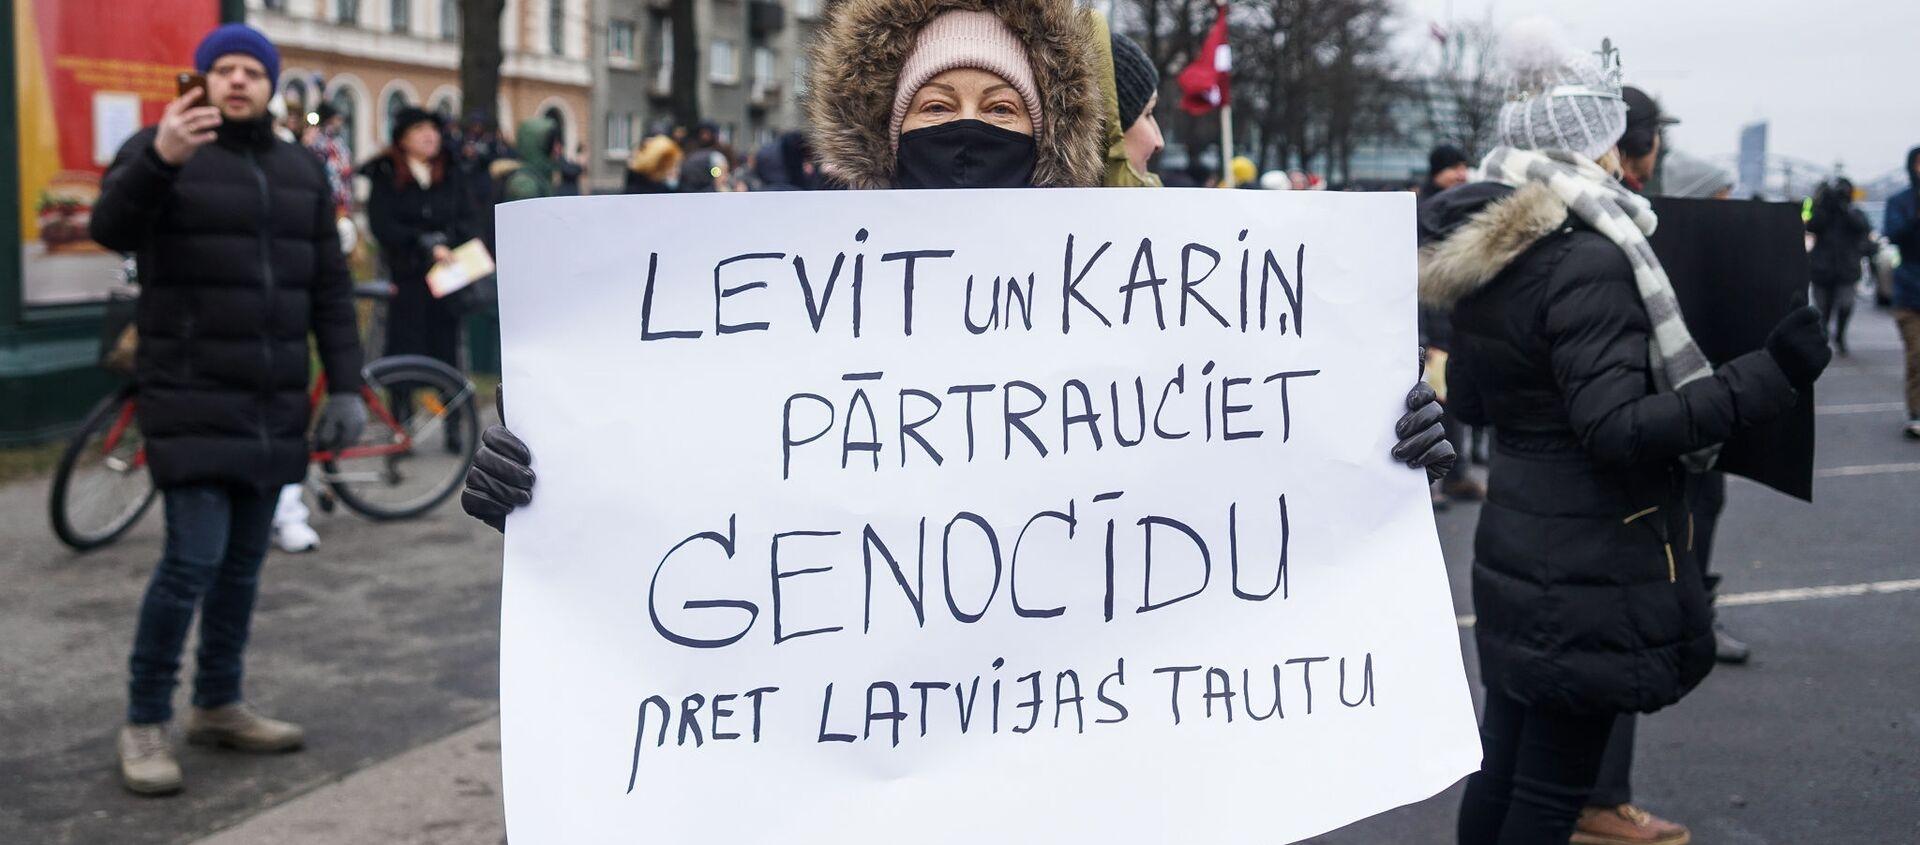 Акция протеста на набережной 11 Ноября в Риге.  - Sputnik Latvija, 1920, 14.12.2020